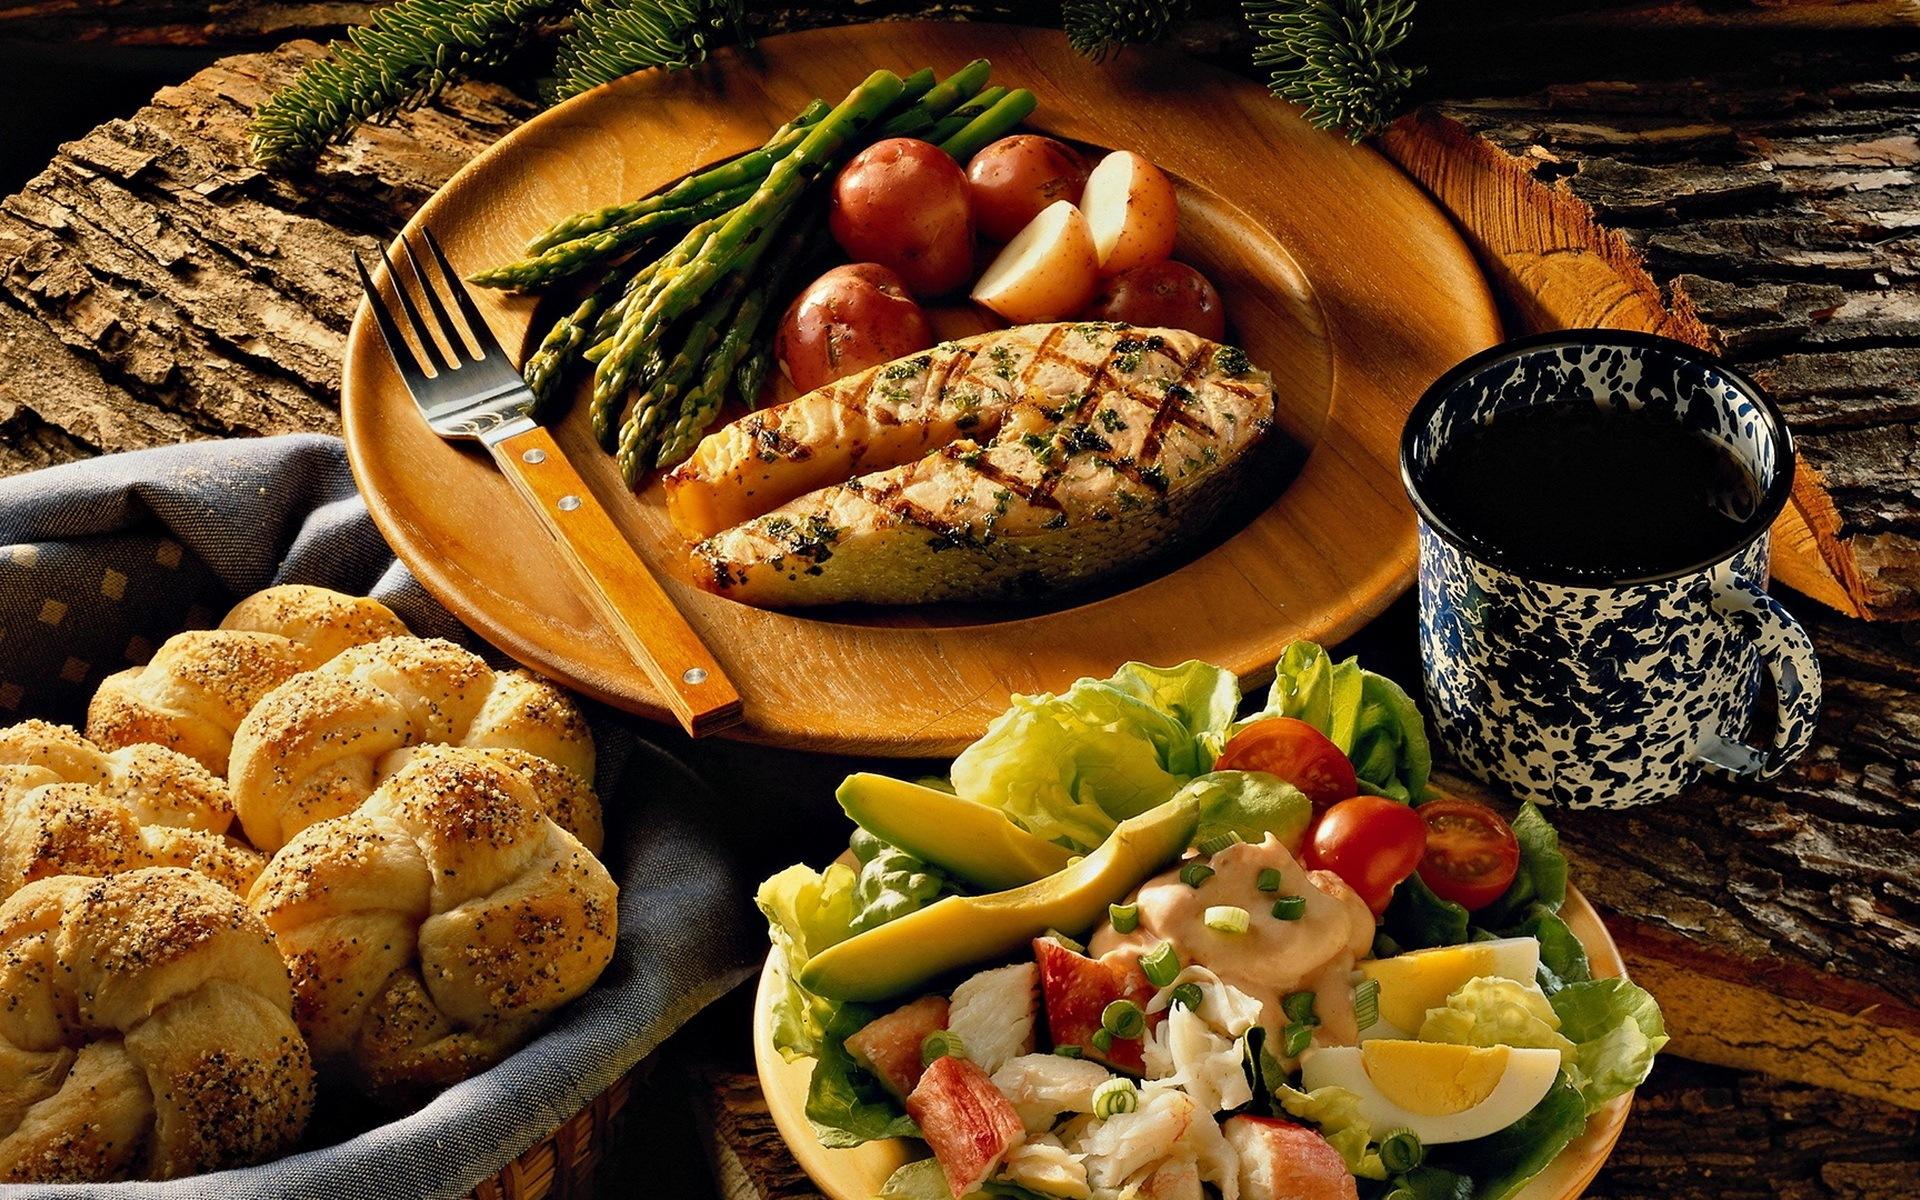 una dieta a basso contenuto di FODMAP riduce alcuni dei problemi causati dall